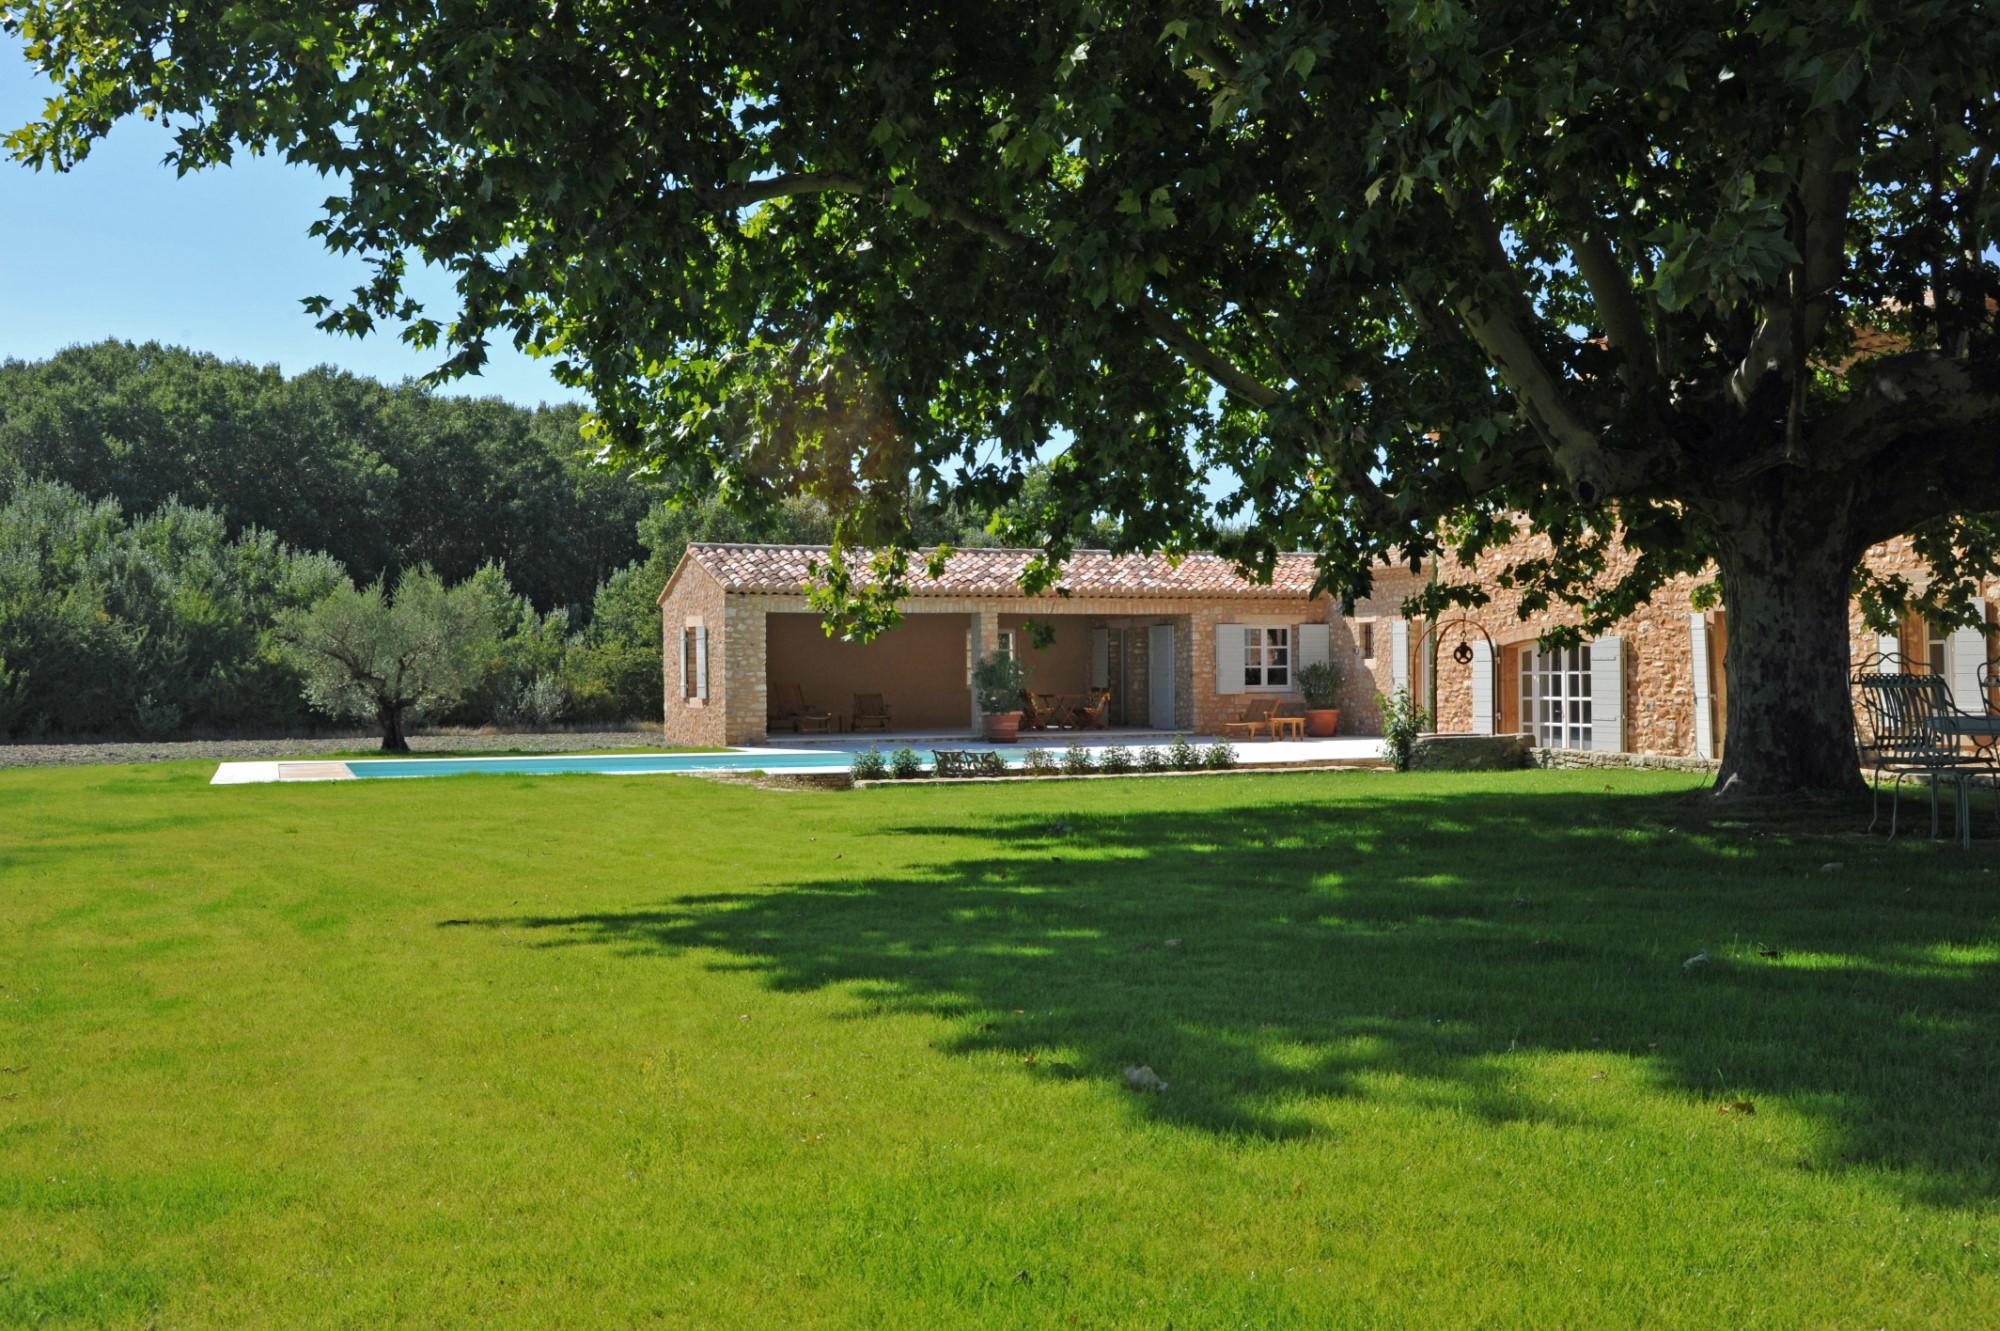 A vendre, proche de Roussillon, mas en pierre restauré avec piscine et pool-house  sur 2,7 hectares